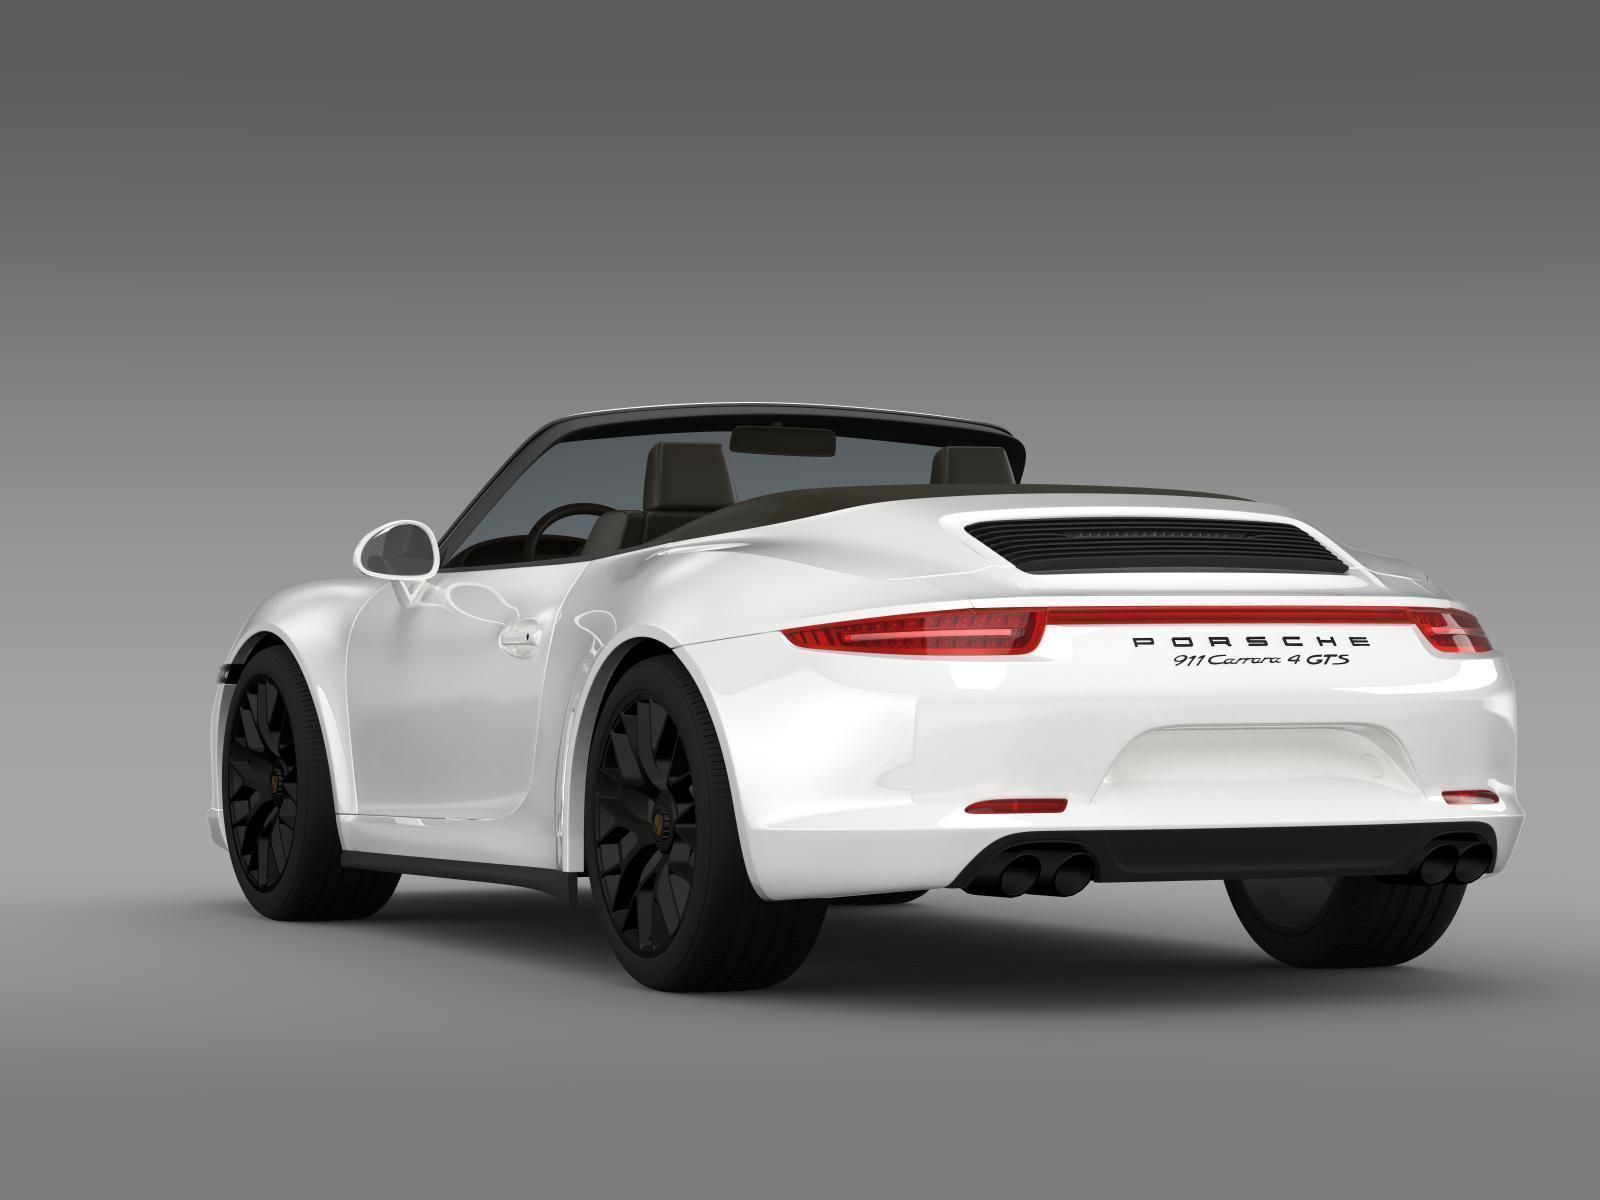 Porsche 911 Carrera 4 Gts Cabriolet 991 2015 3d Model Max Obj Mtl